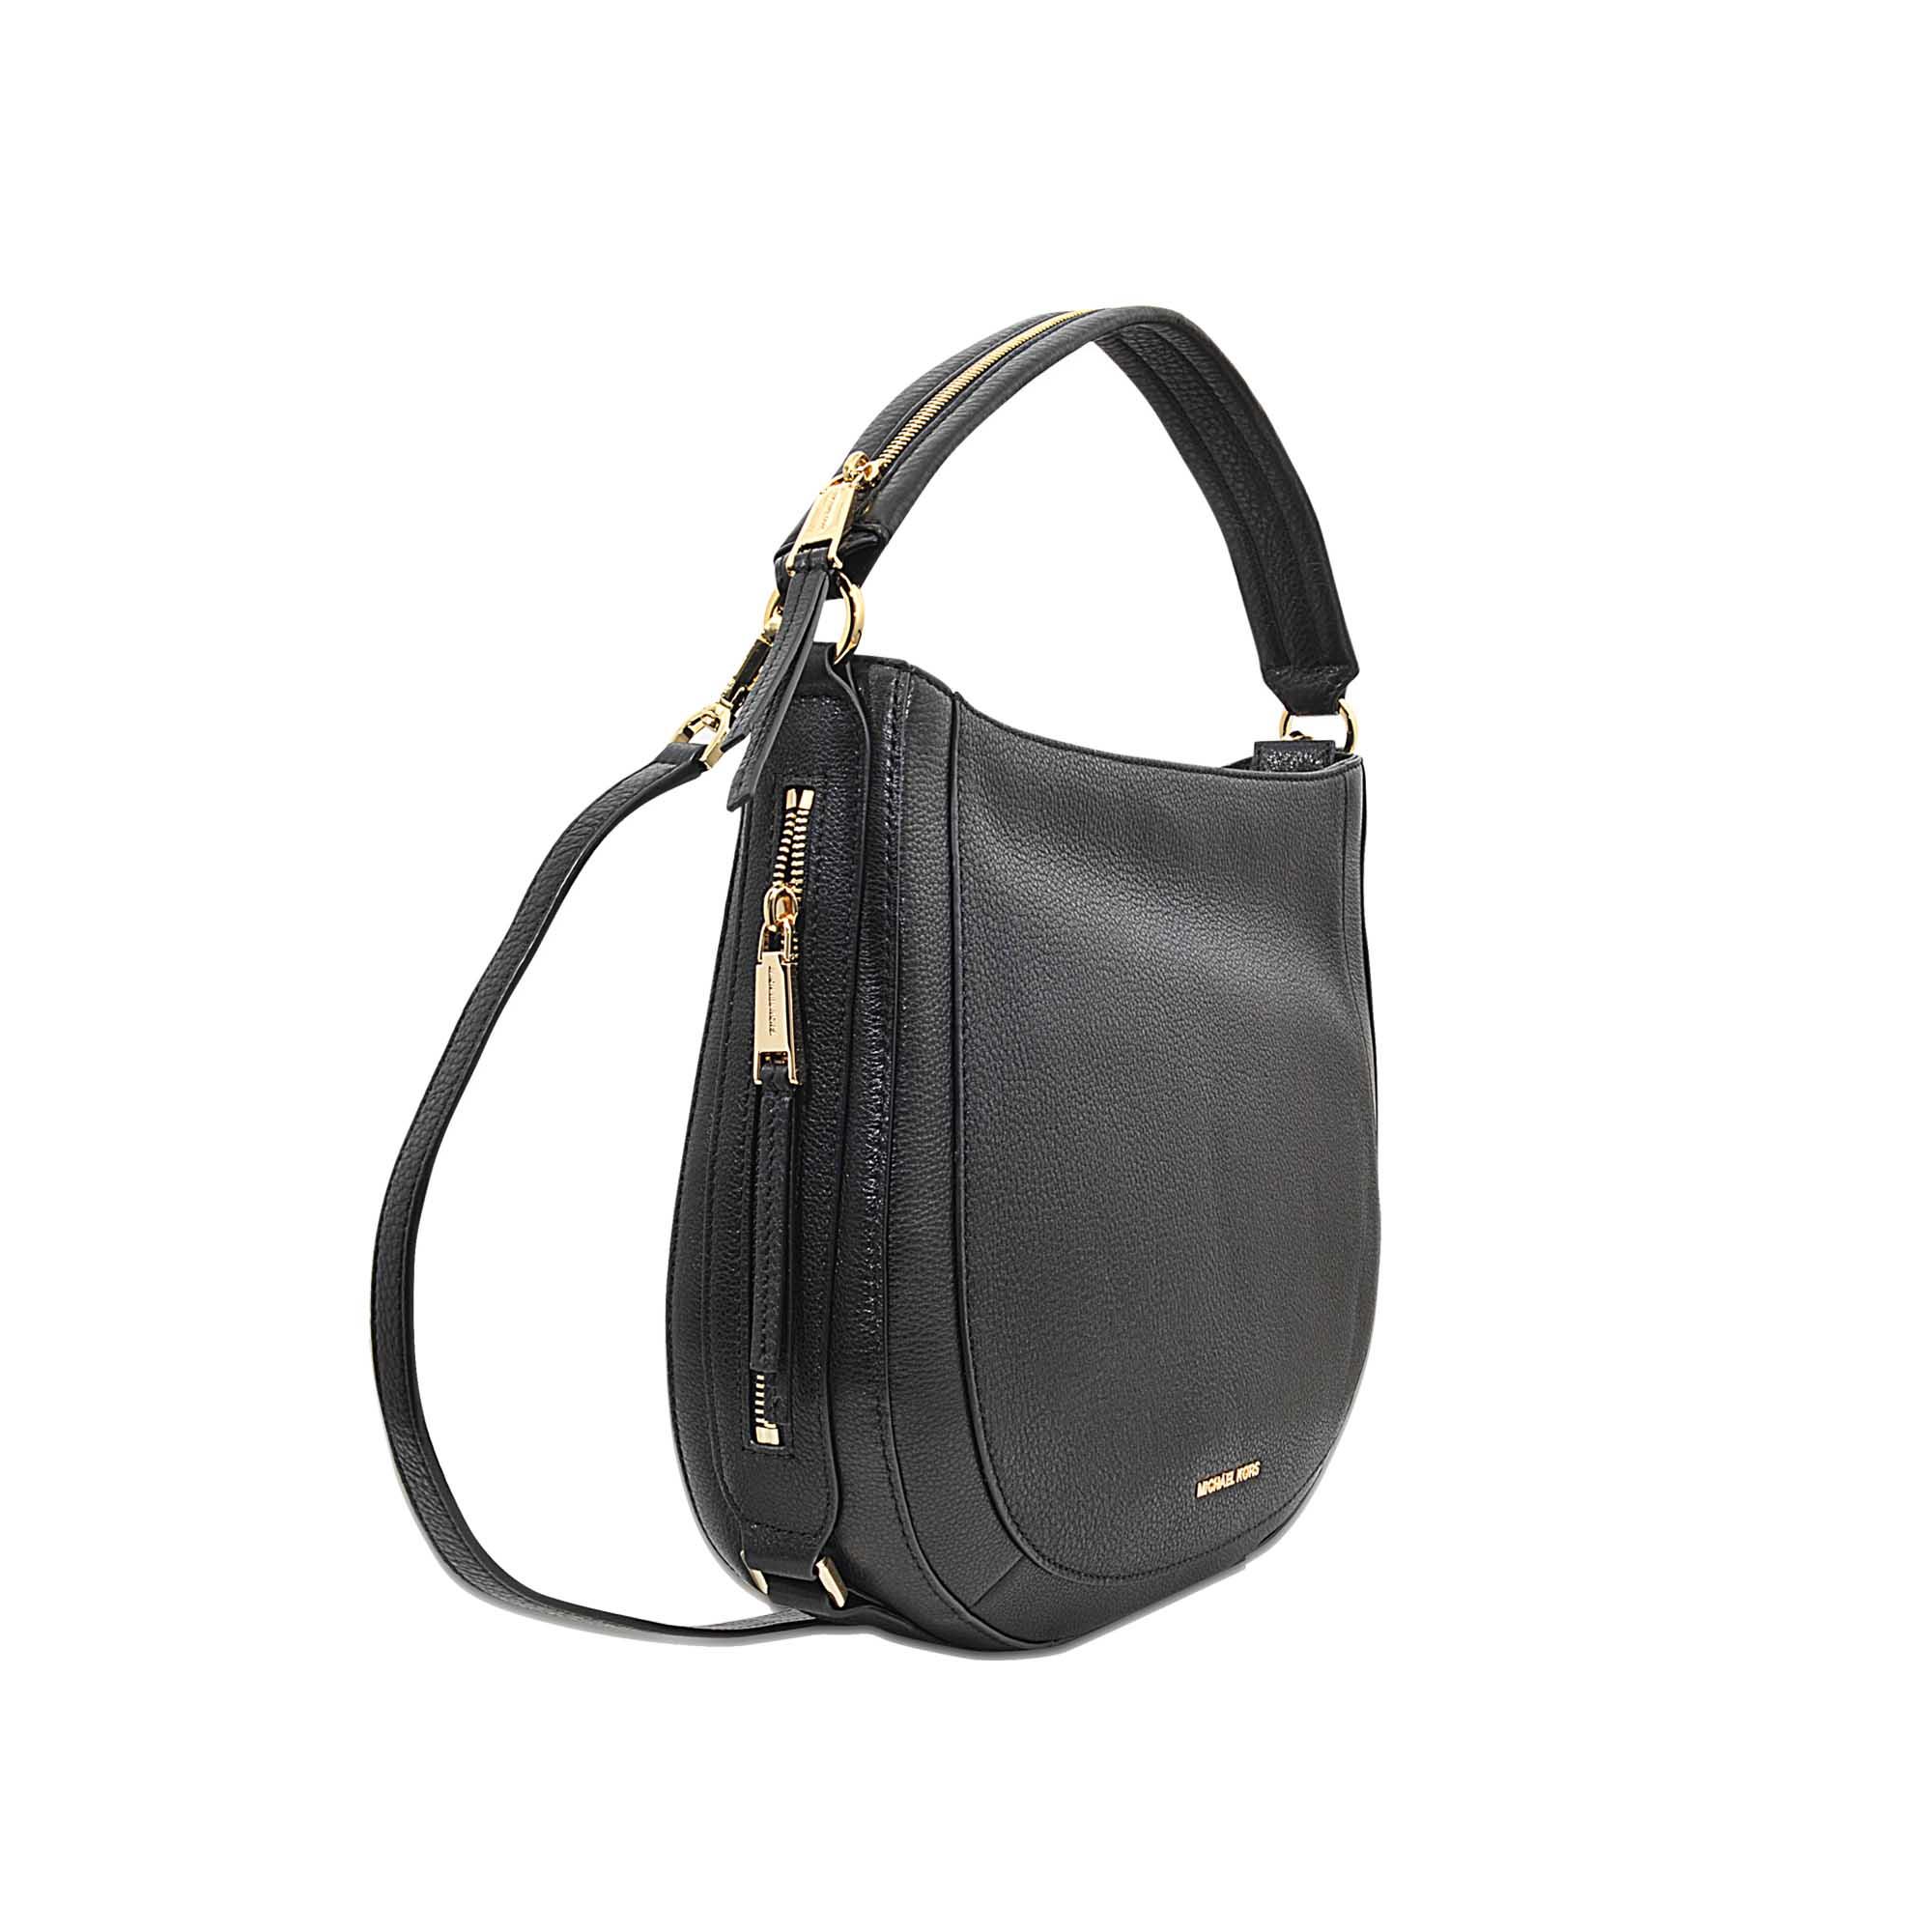 7a192633c6be Lyst - MICHAEL Michael Kors Julia Medium Congreenible Shoulder Bag ...